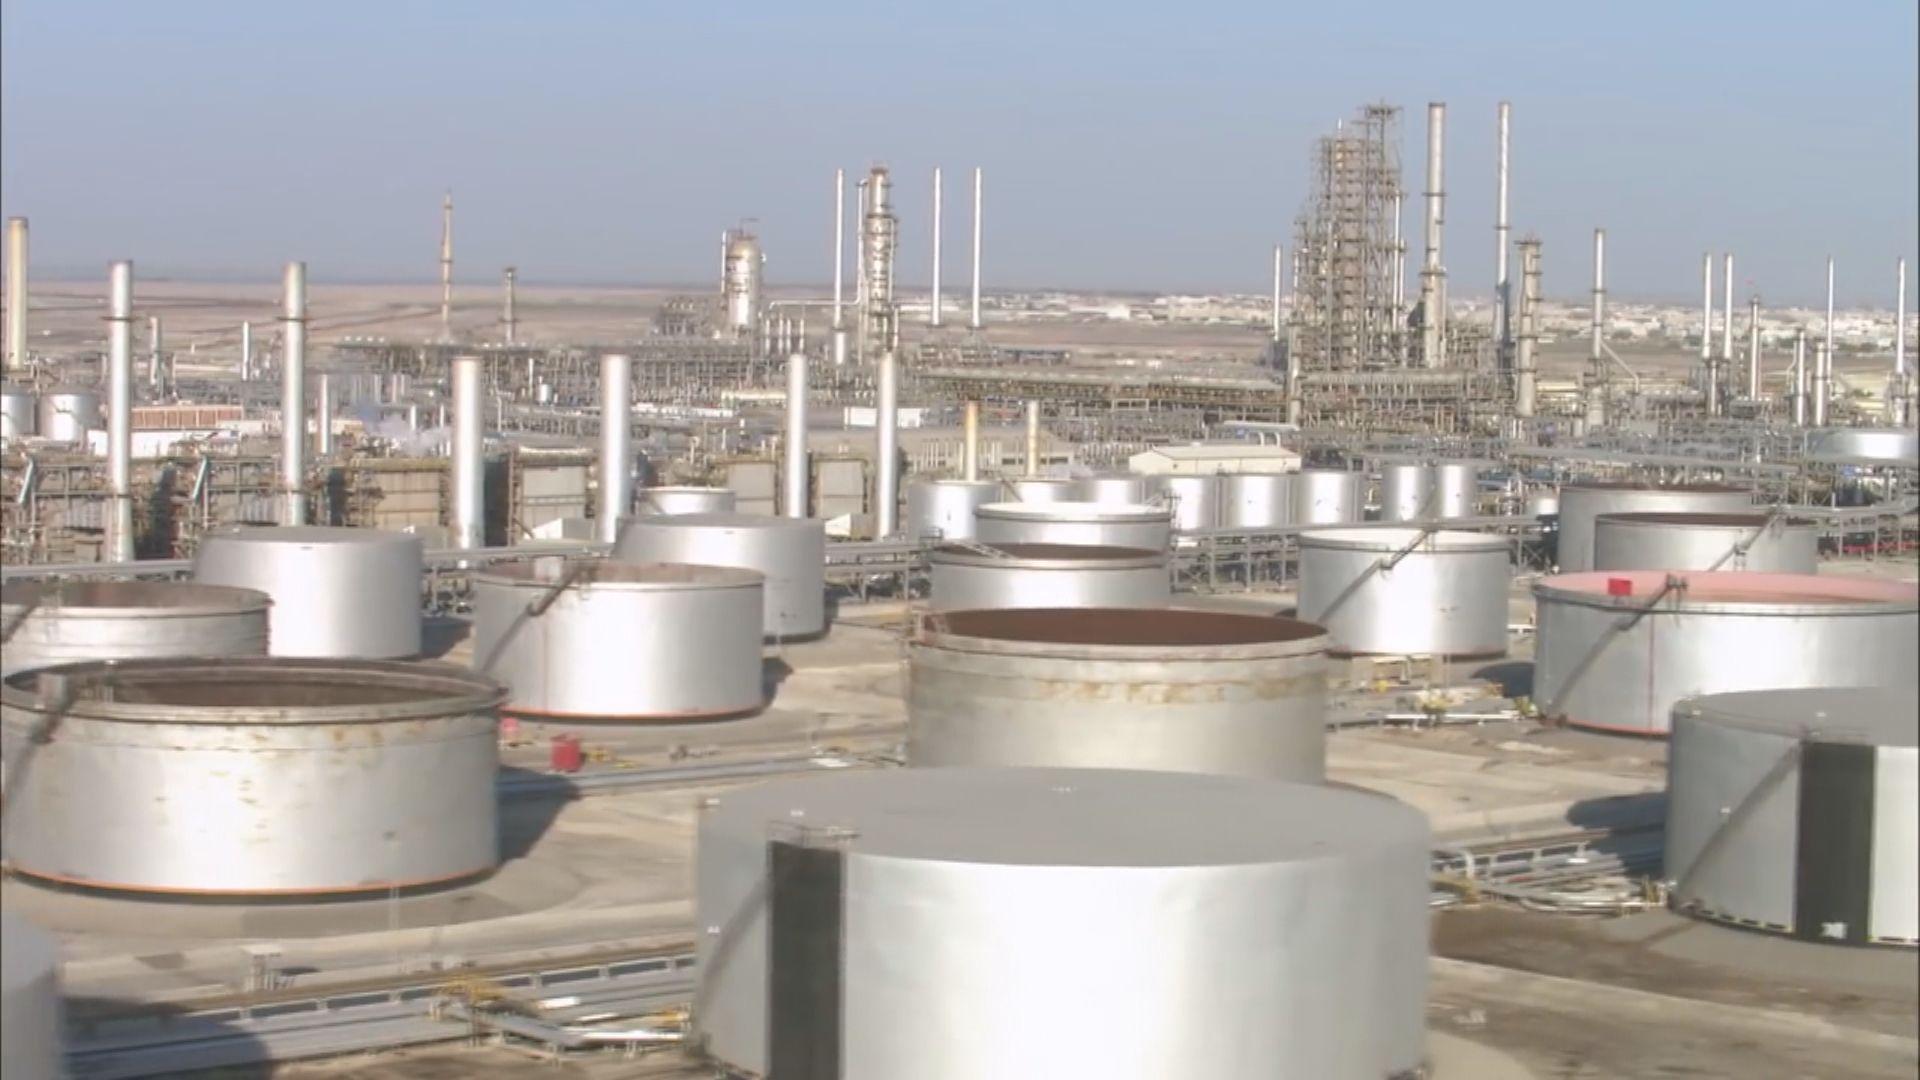 沙特石油設施遇襲 特朗普指已做好還擊準備